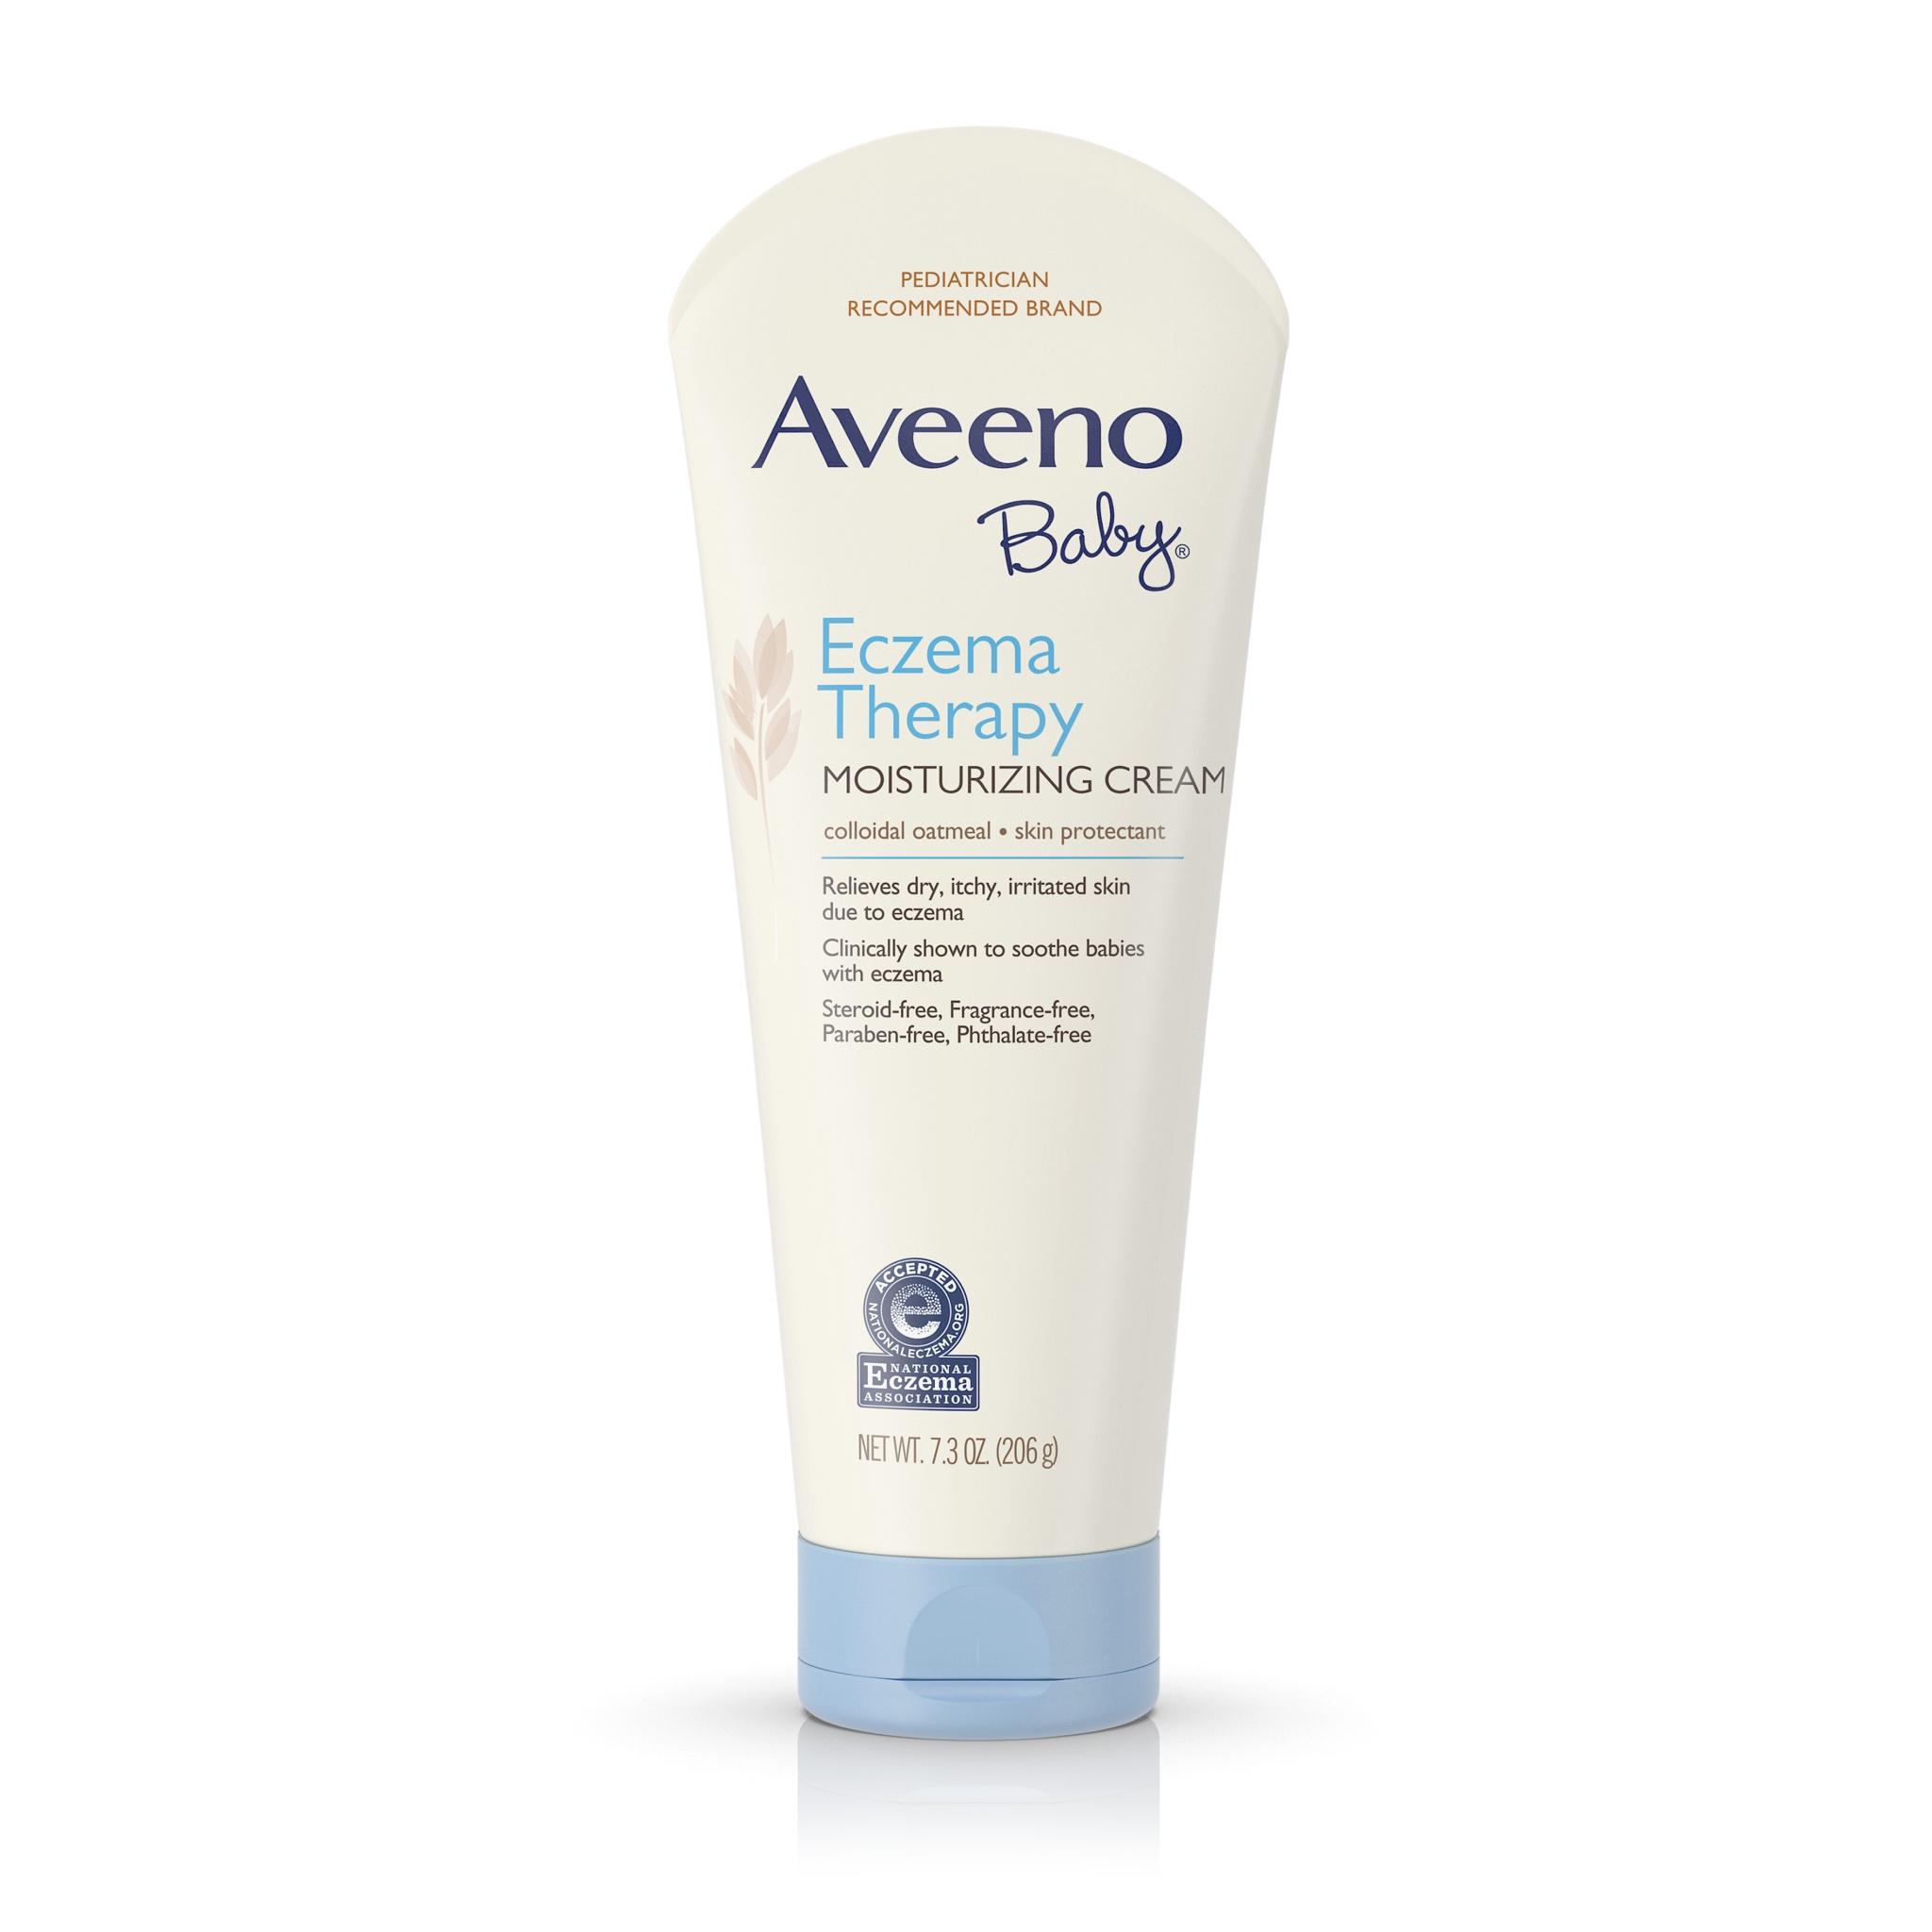 ครีมบำรุงผิวสำหรับทารกและเด็กเล็ก Aveeno Baby Eczema Therapy Moisturizing Cream